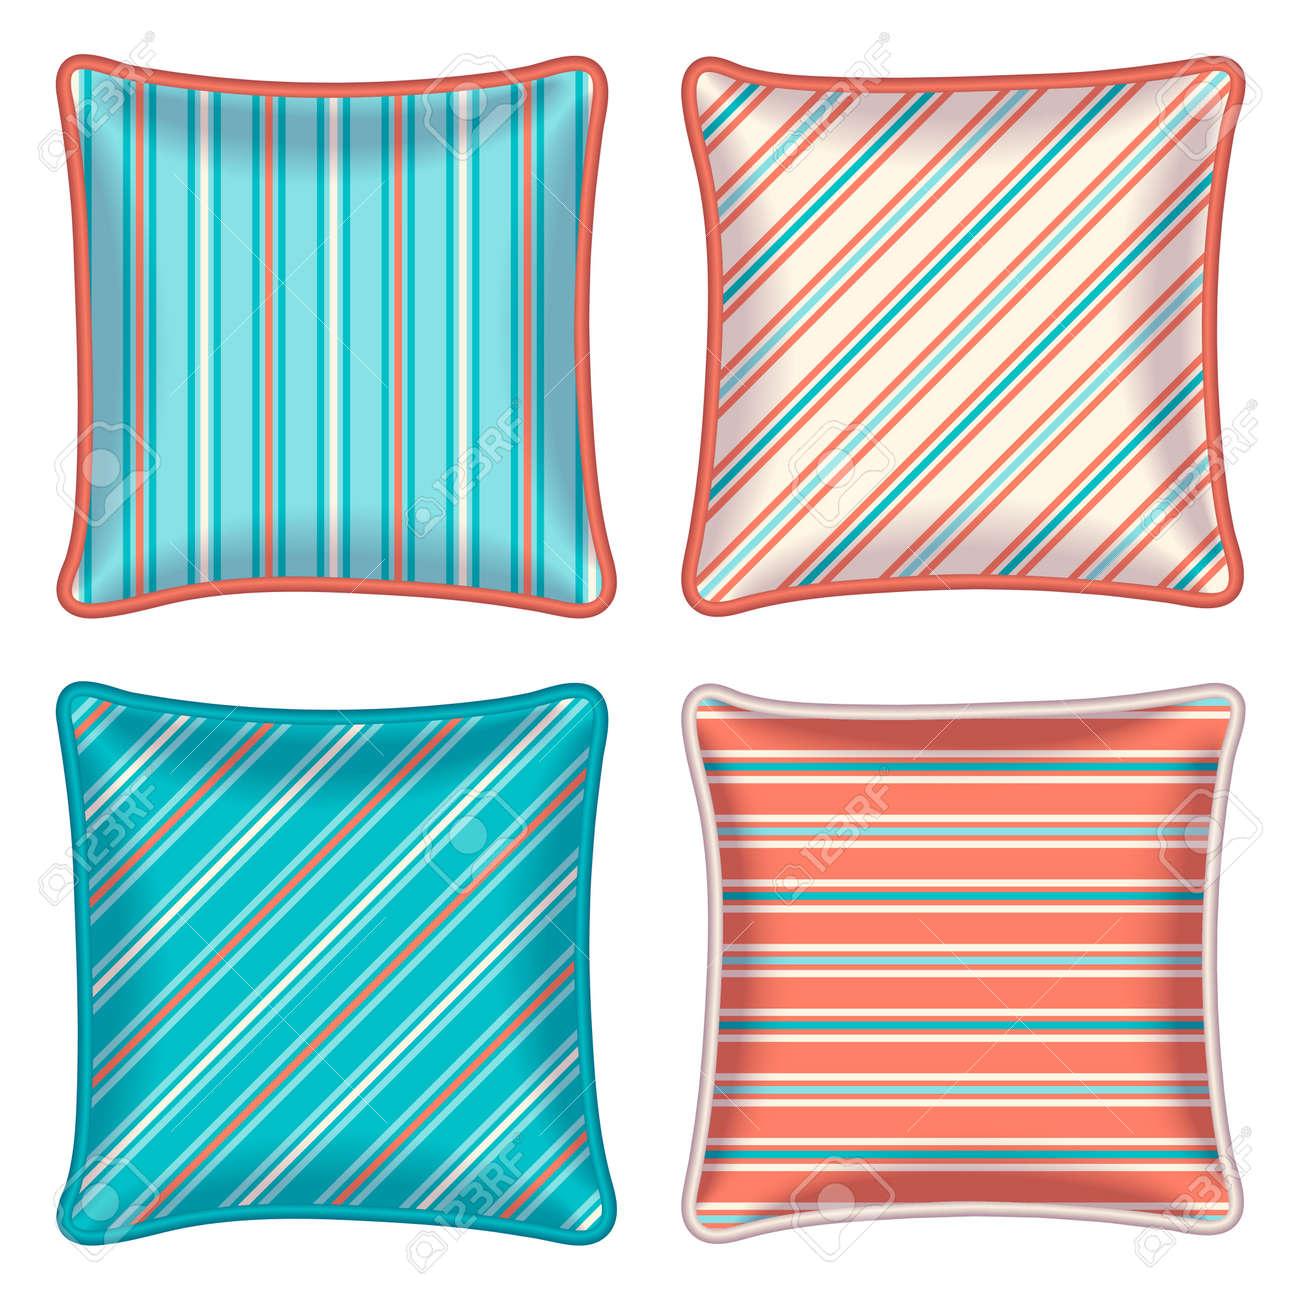 Bon Four Striped Throw Pillows. Decorative Throw Pillows, Patterned Pillowcase    Orange And Turquoise Stripe